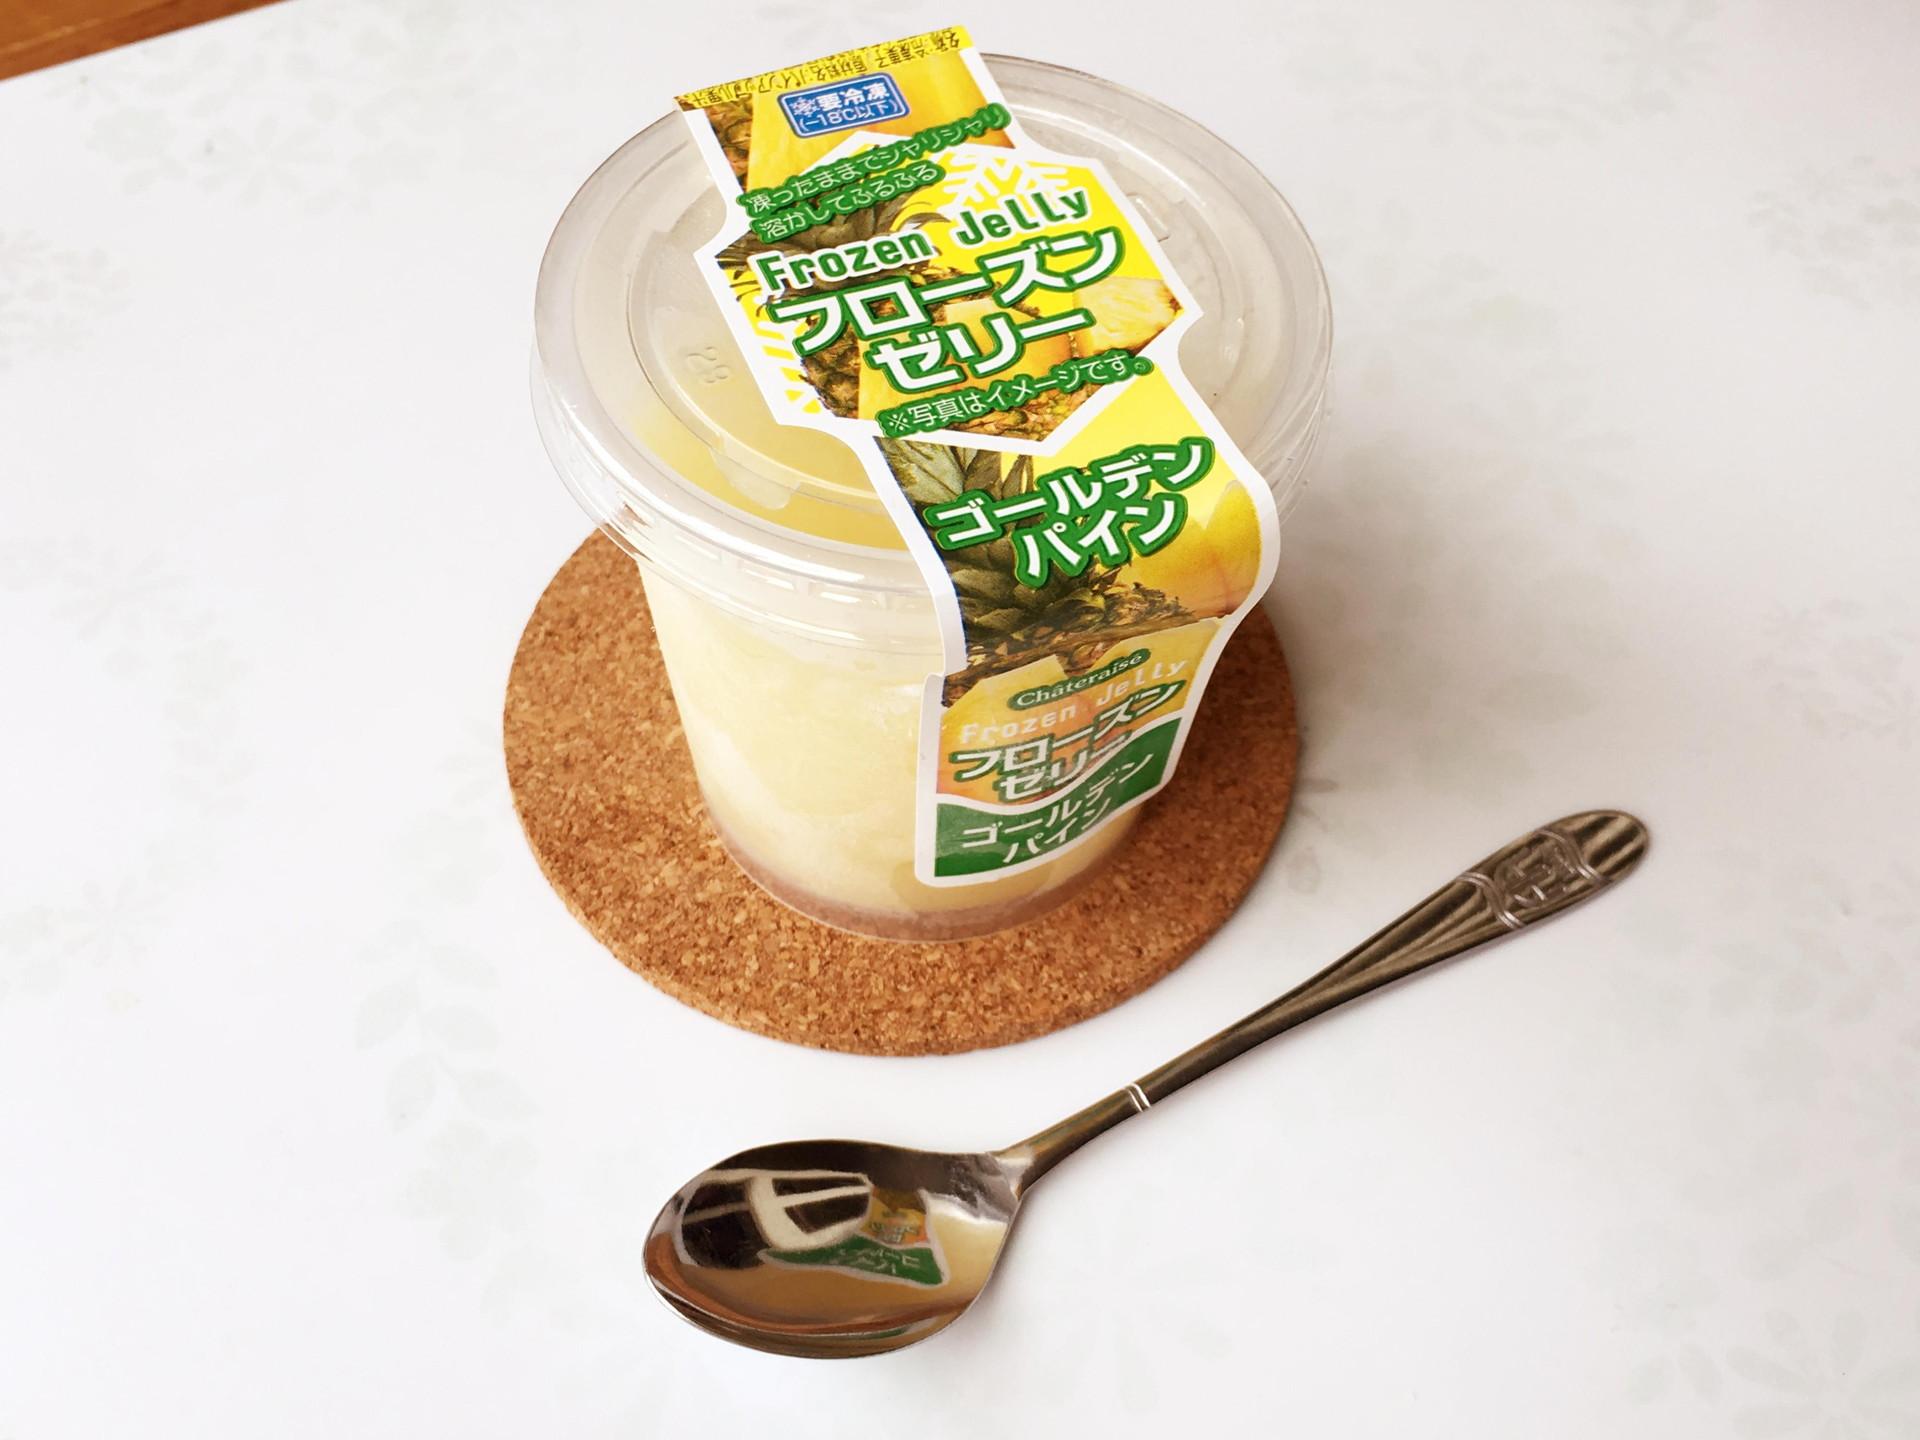 シャリとろ新食感♡実食レポ【シャトレーゼ】フローズンゼリー ゴールデンパイン